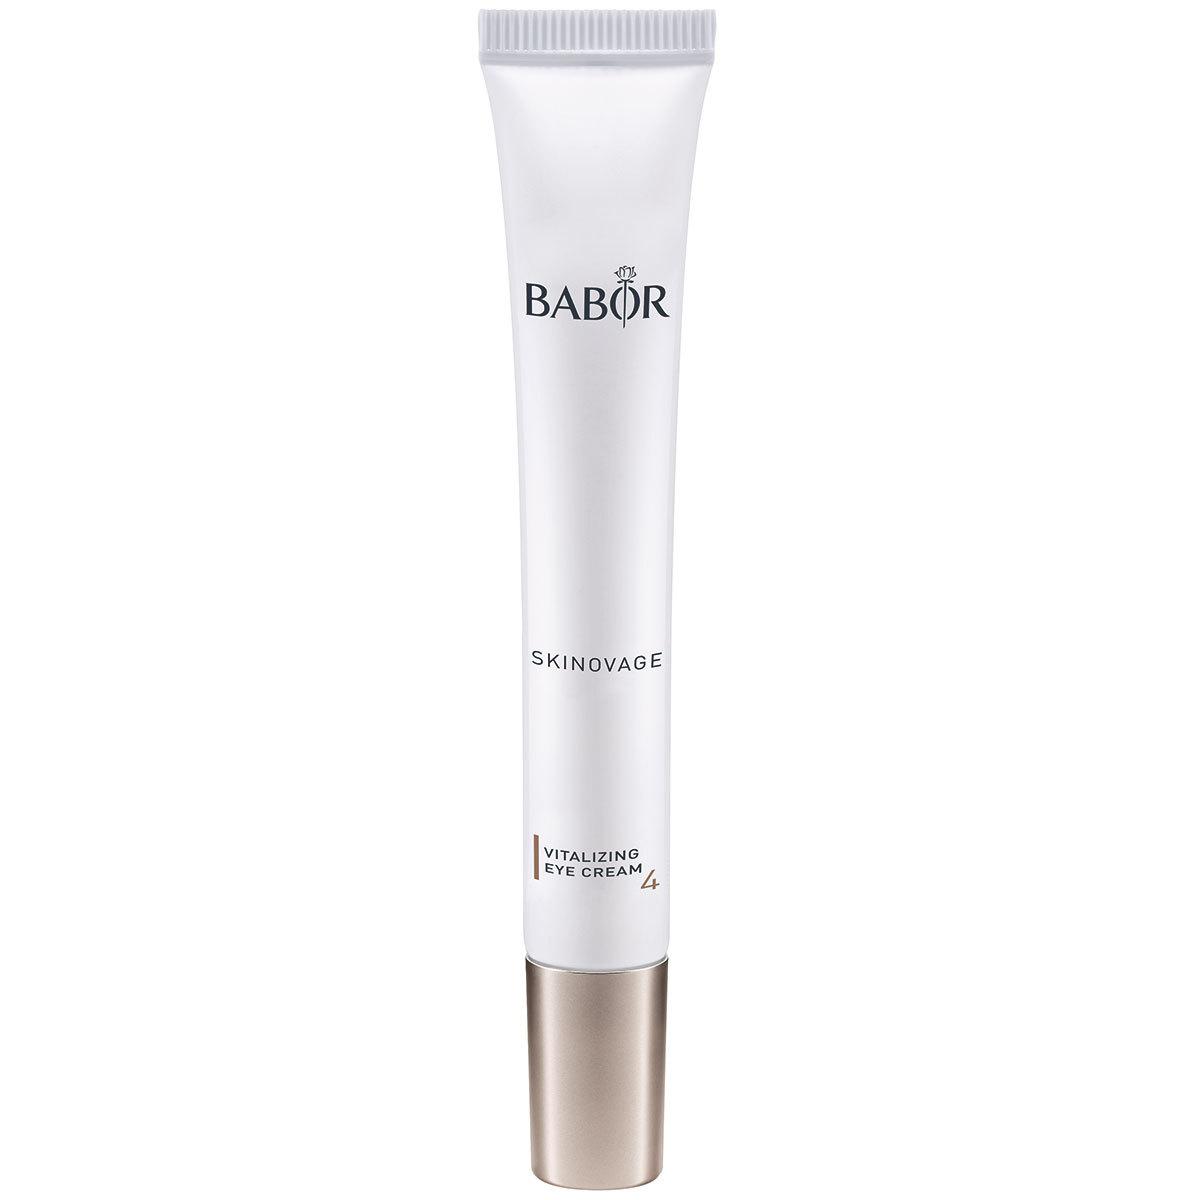 Крем вокруг глаз Babor Skinovage Vitalizing Eye Cream 15ml